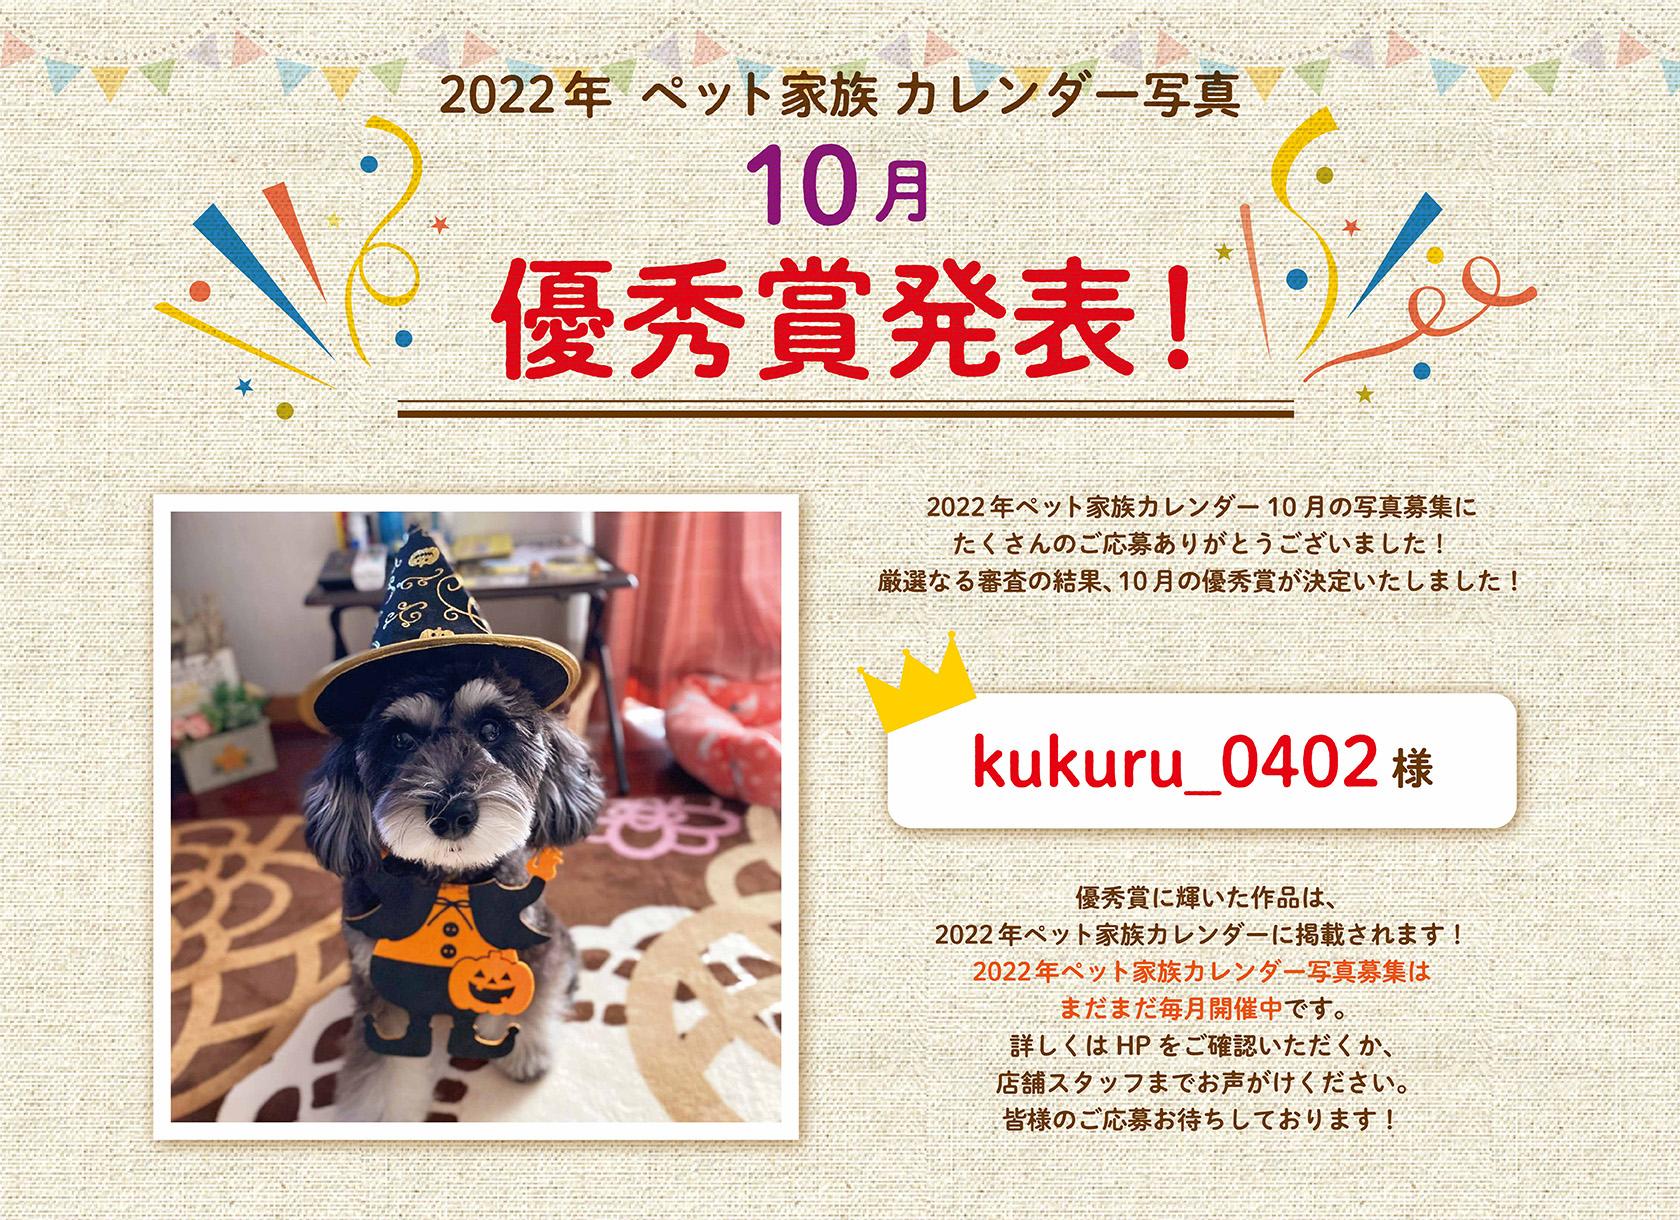 2022年ペット家族カレンダー10月優秀賞発表!